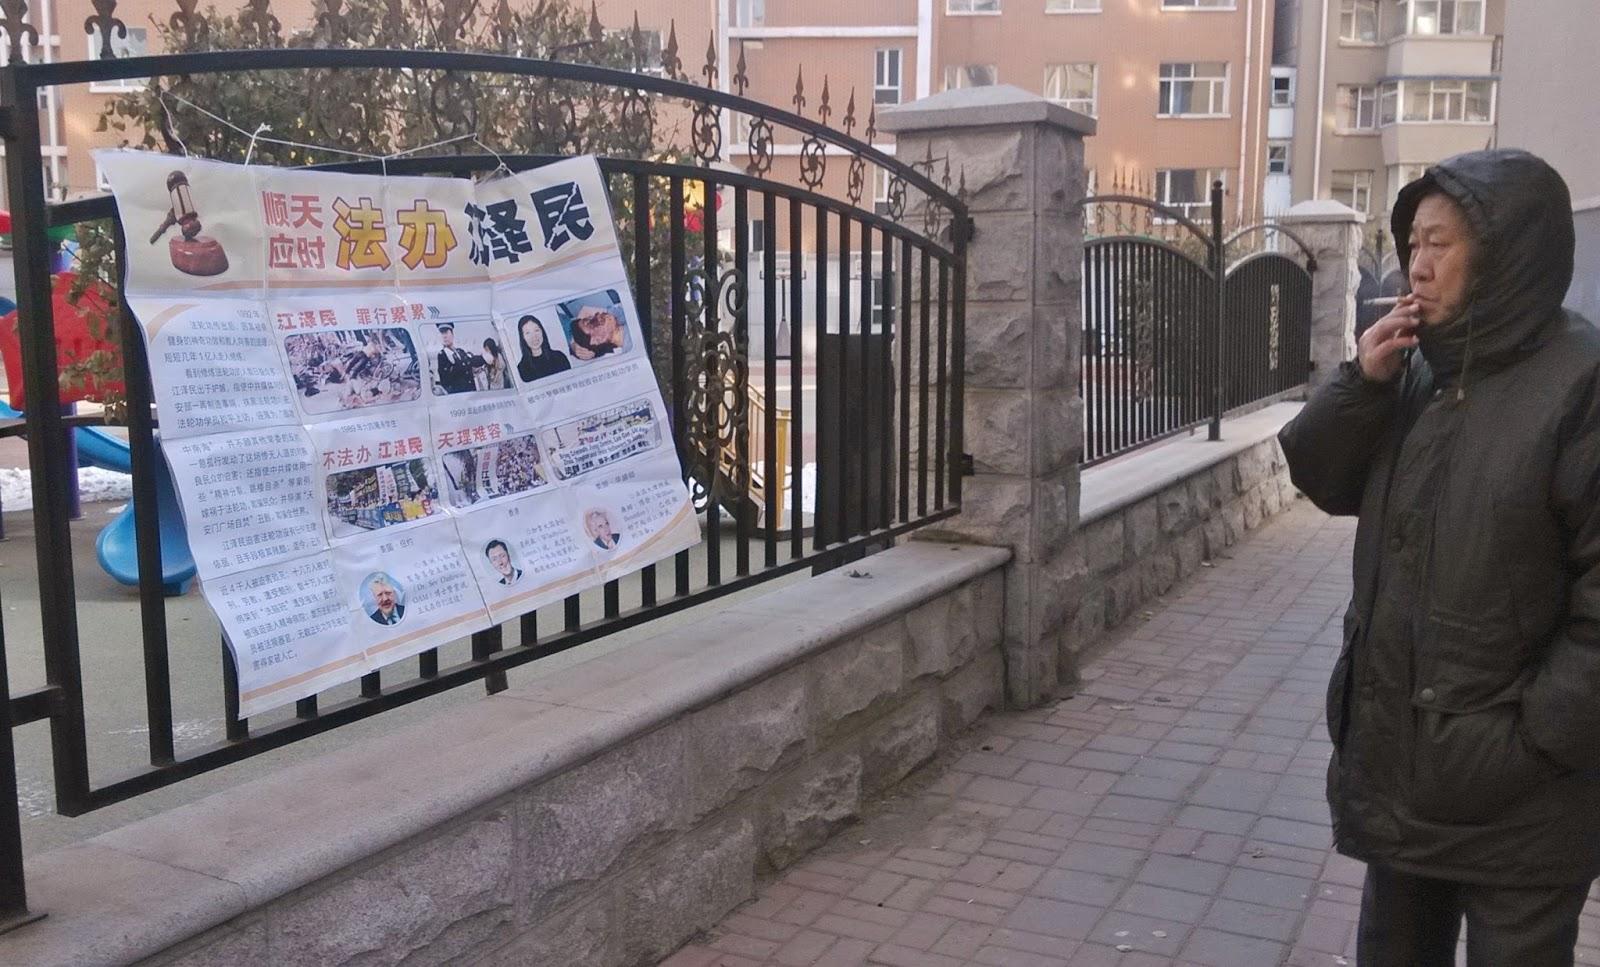 2015-11-28-minghui-changchun-sujiang-posters-24.jpg